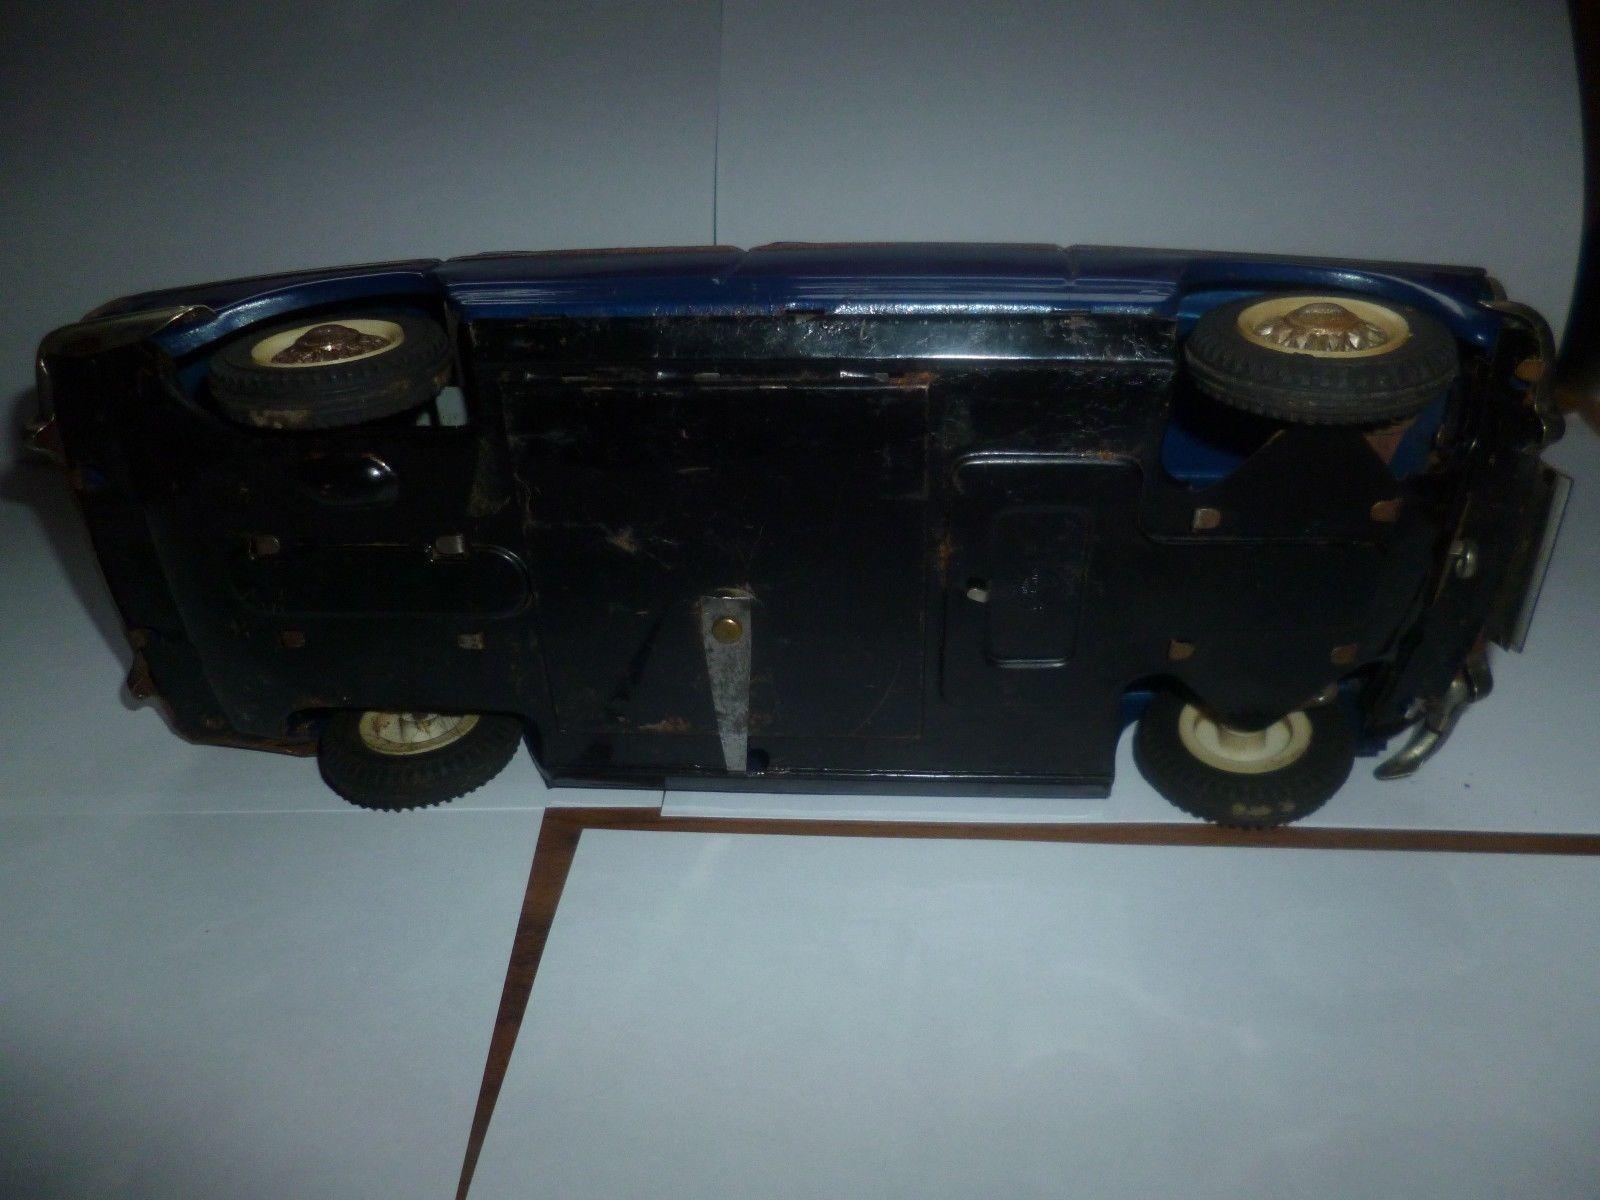 Peugeot 404 JOUSTRA   1.18e 1.18e 1.18e métal  fabrication années 60 | Pour Gagner L'éloge Chaleureux Auprès De Ses Clients  db10ca